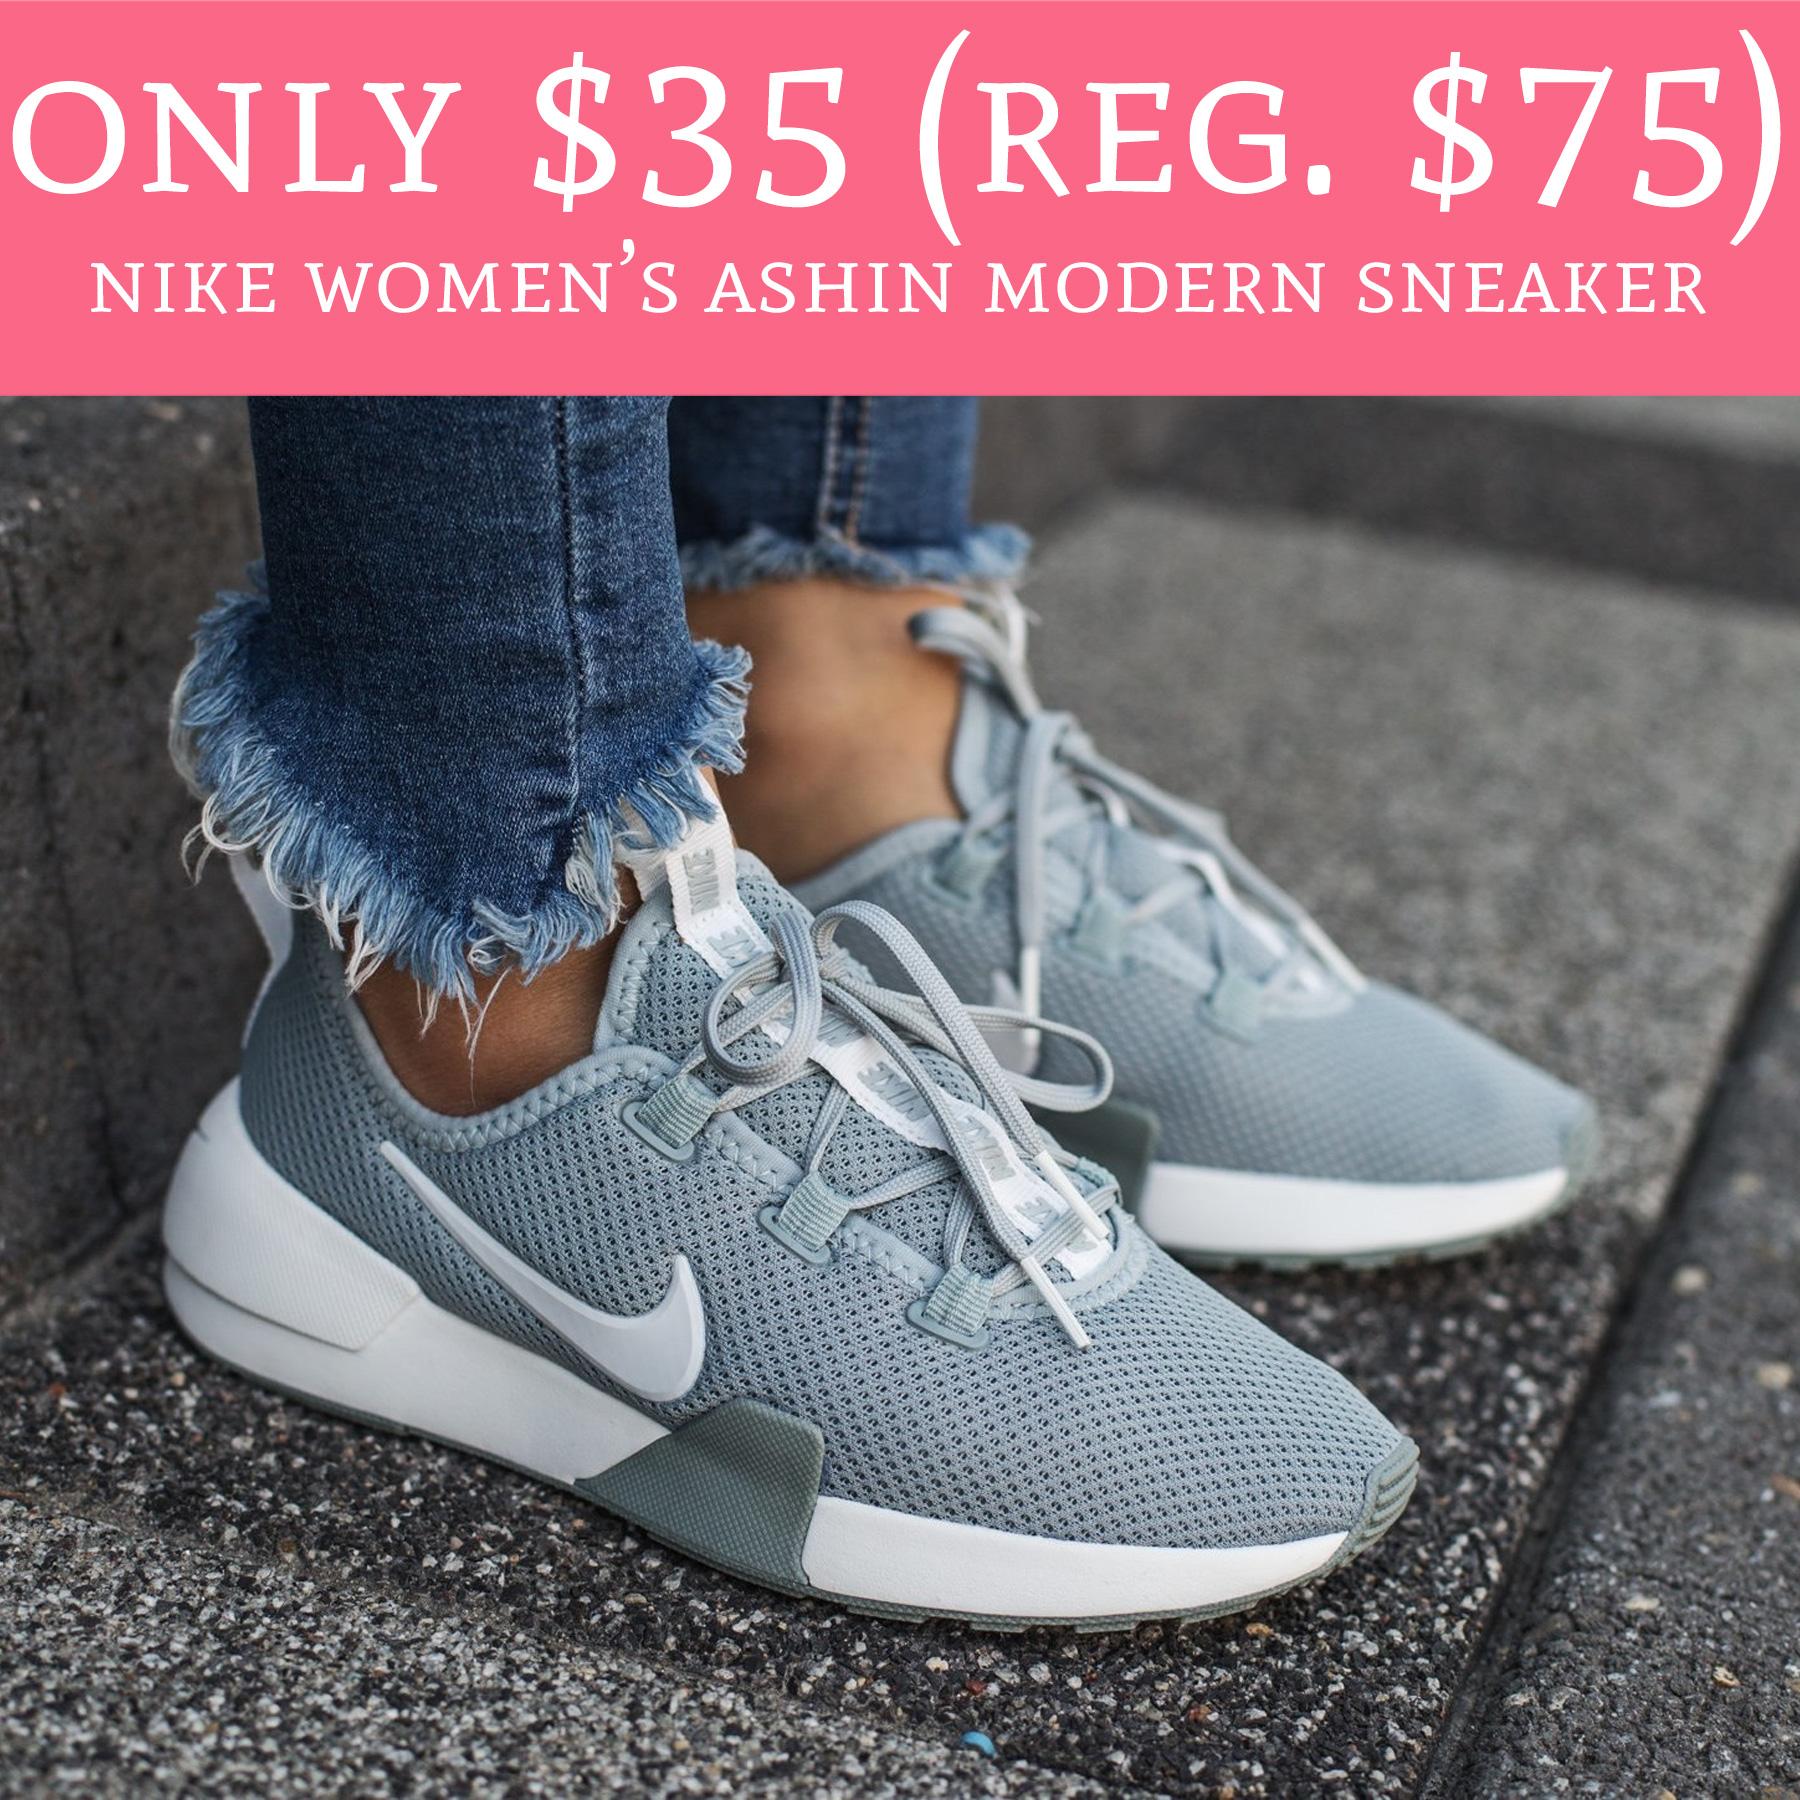 nike ashin modern price